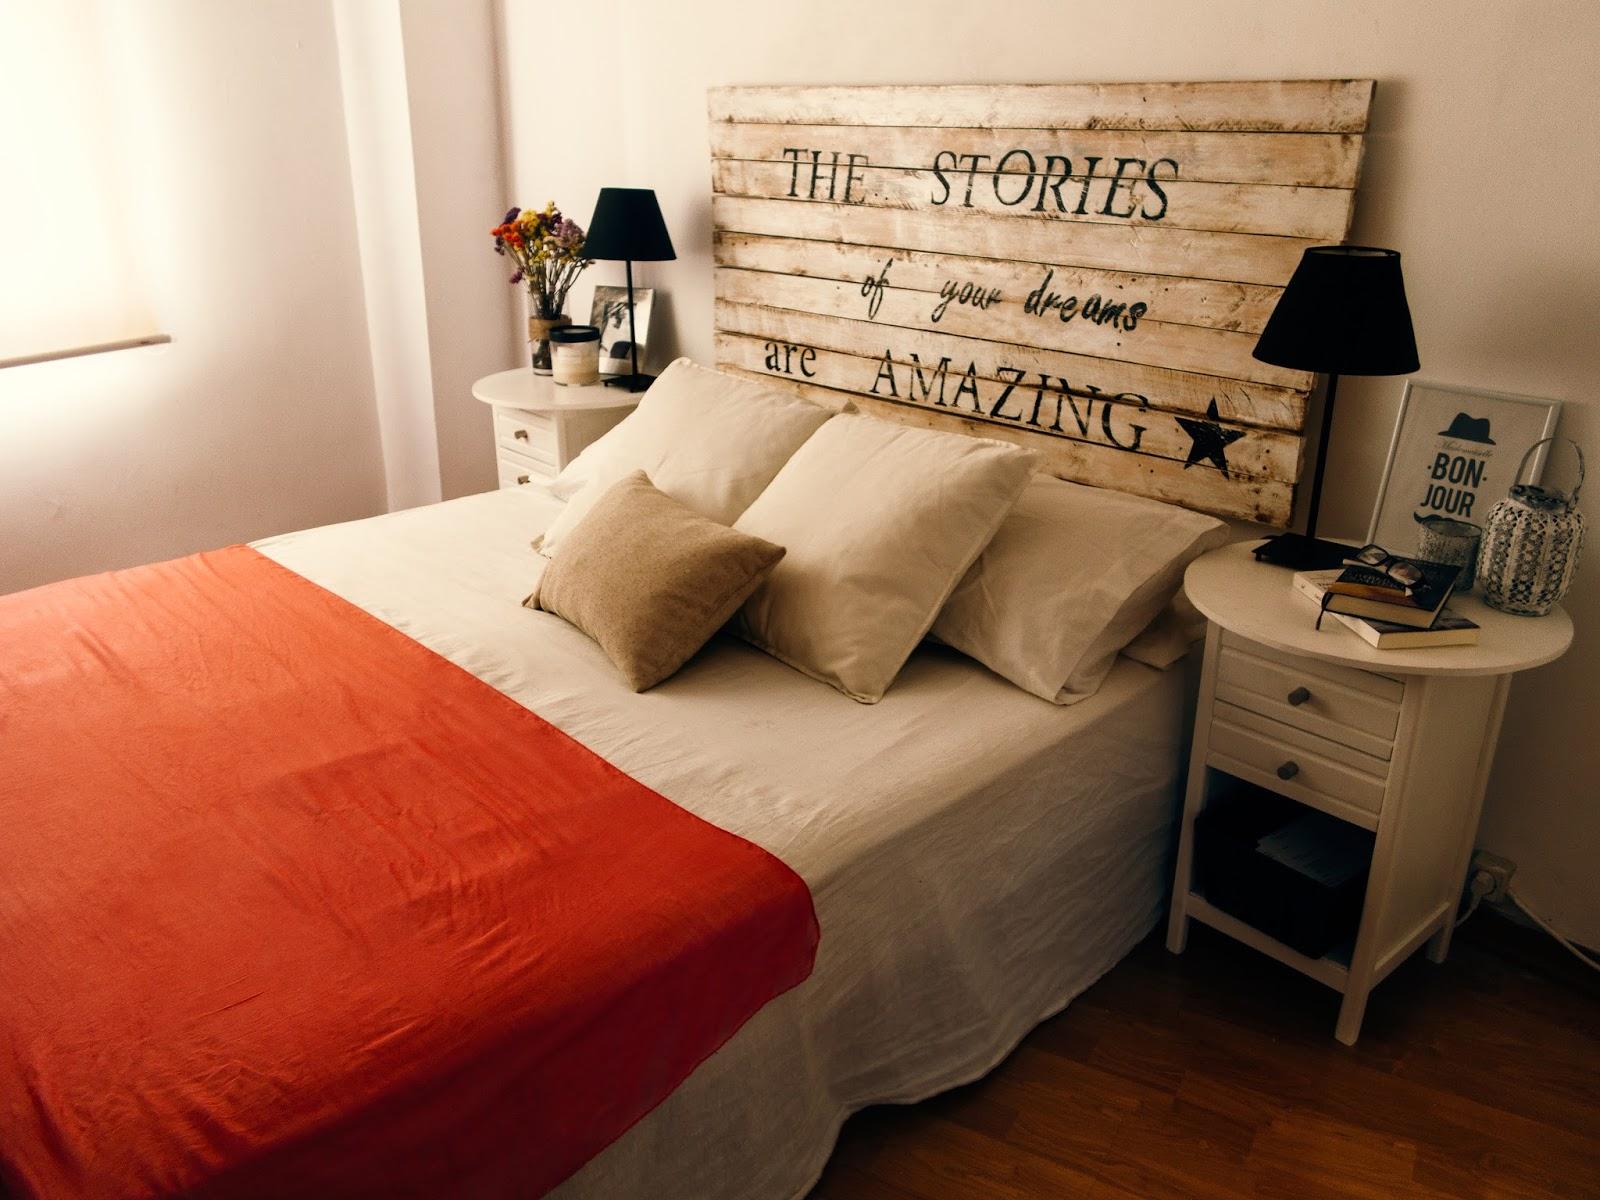 Rocco en mi sofa diy un cabecero low cost - Cabecero con laminas de madera ...